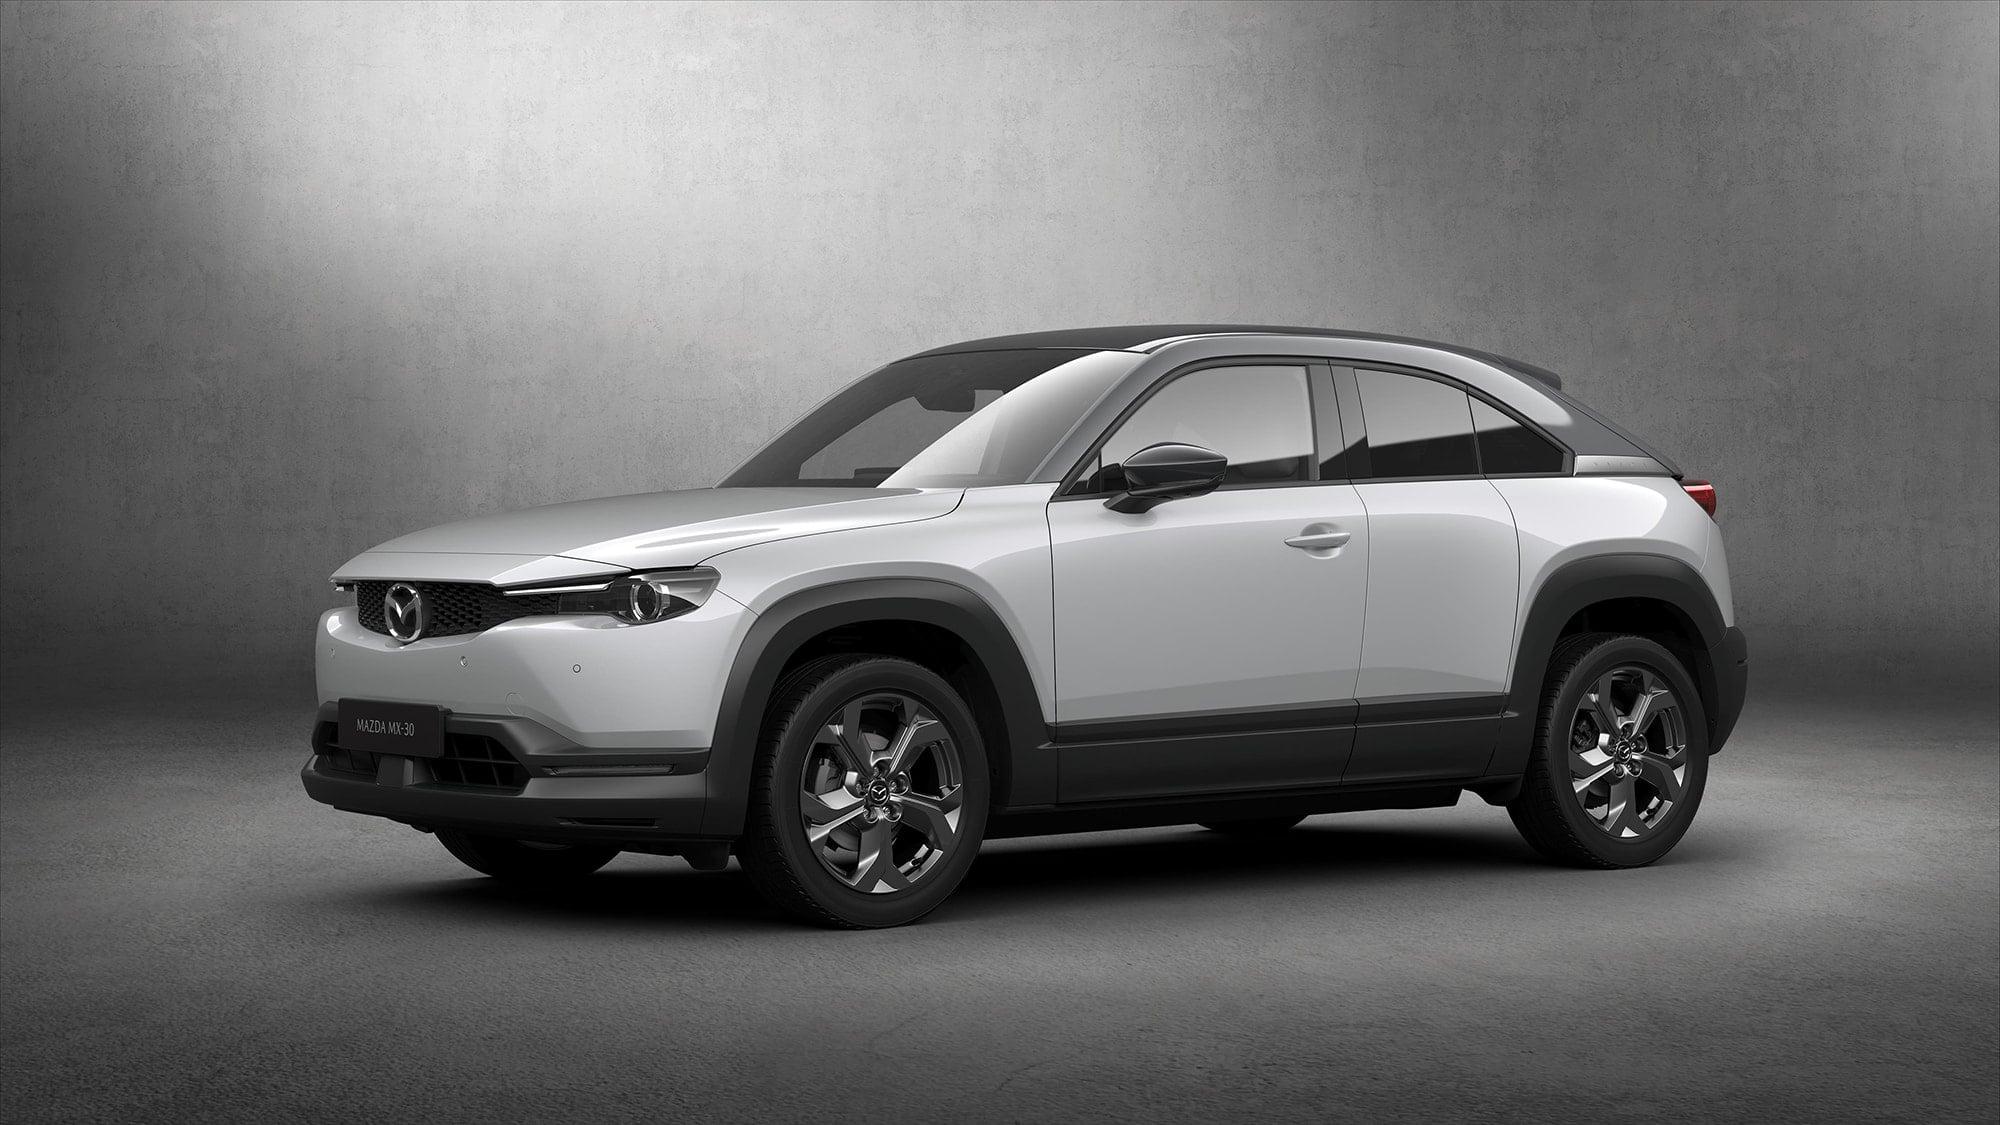 マツダ初の量産電気自動車(EV)である「MX-30」。プレーンなルックスのようでいて、魂動デザインの完成度と美しさは外さない。自然素材であるコルクをトレイ部やドアハンドルの一部に使用。自然体であることを享受したい、時代の空気も吸収したマツダの新しい顔。Photography by ©MAZDA